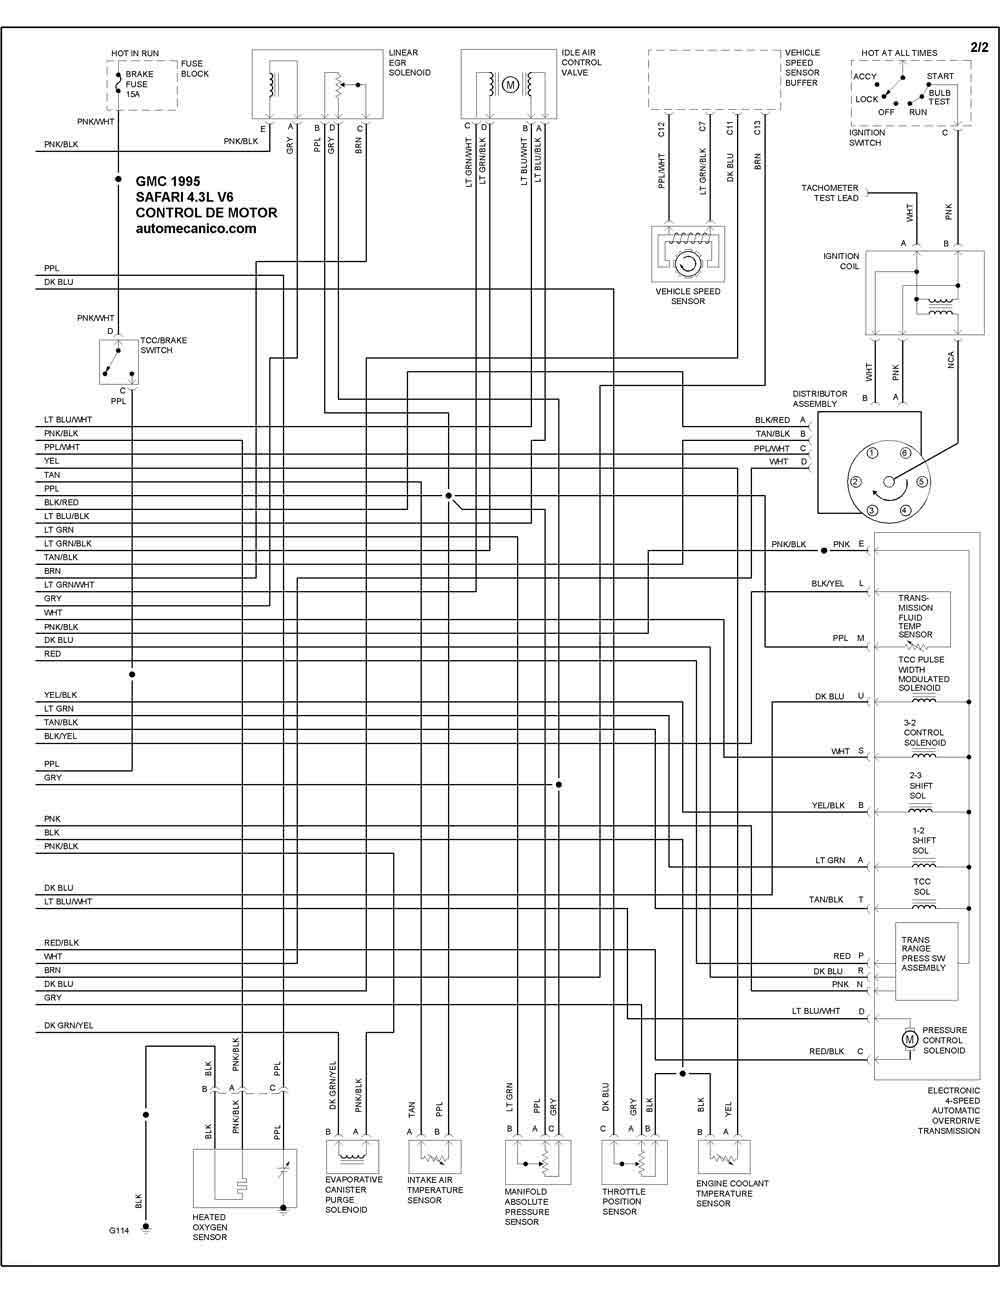 gmc 1995 - diagramas control del motor - graphics - esquemas